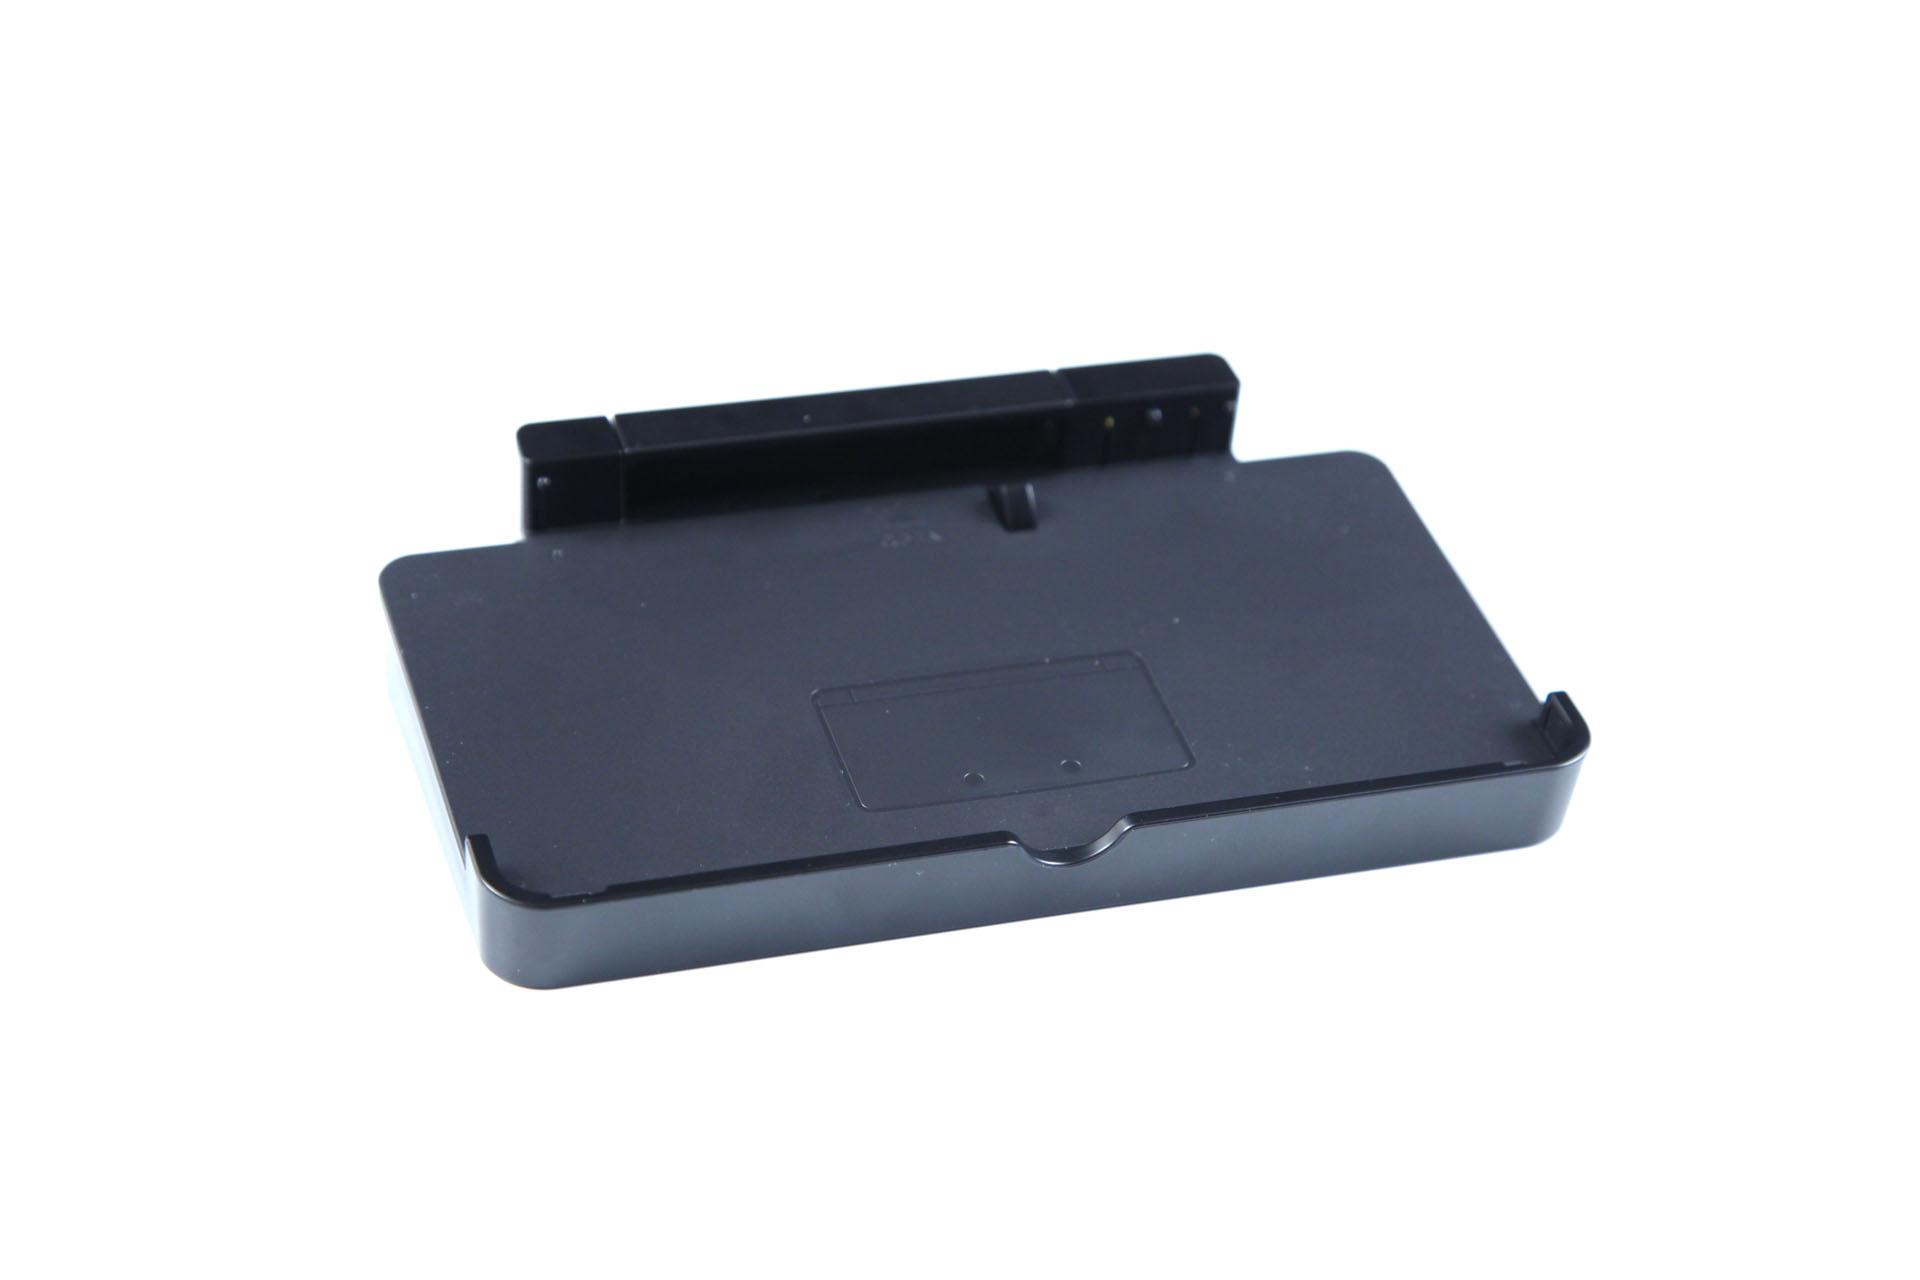 3DS: Nintendos Neuer im Importtest - Die Docking-Station befindet sich im Lieferumfang des 3DS. (Foto: mw)